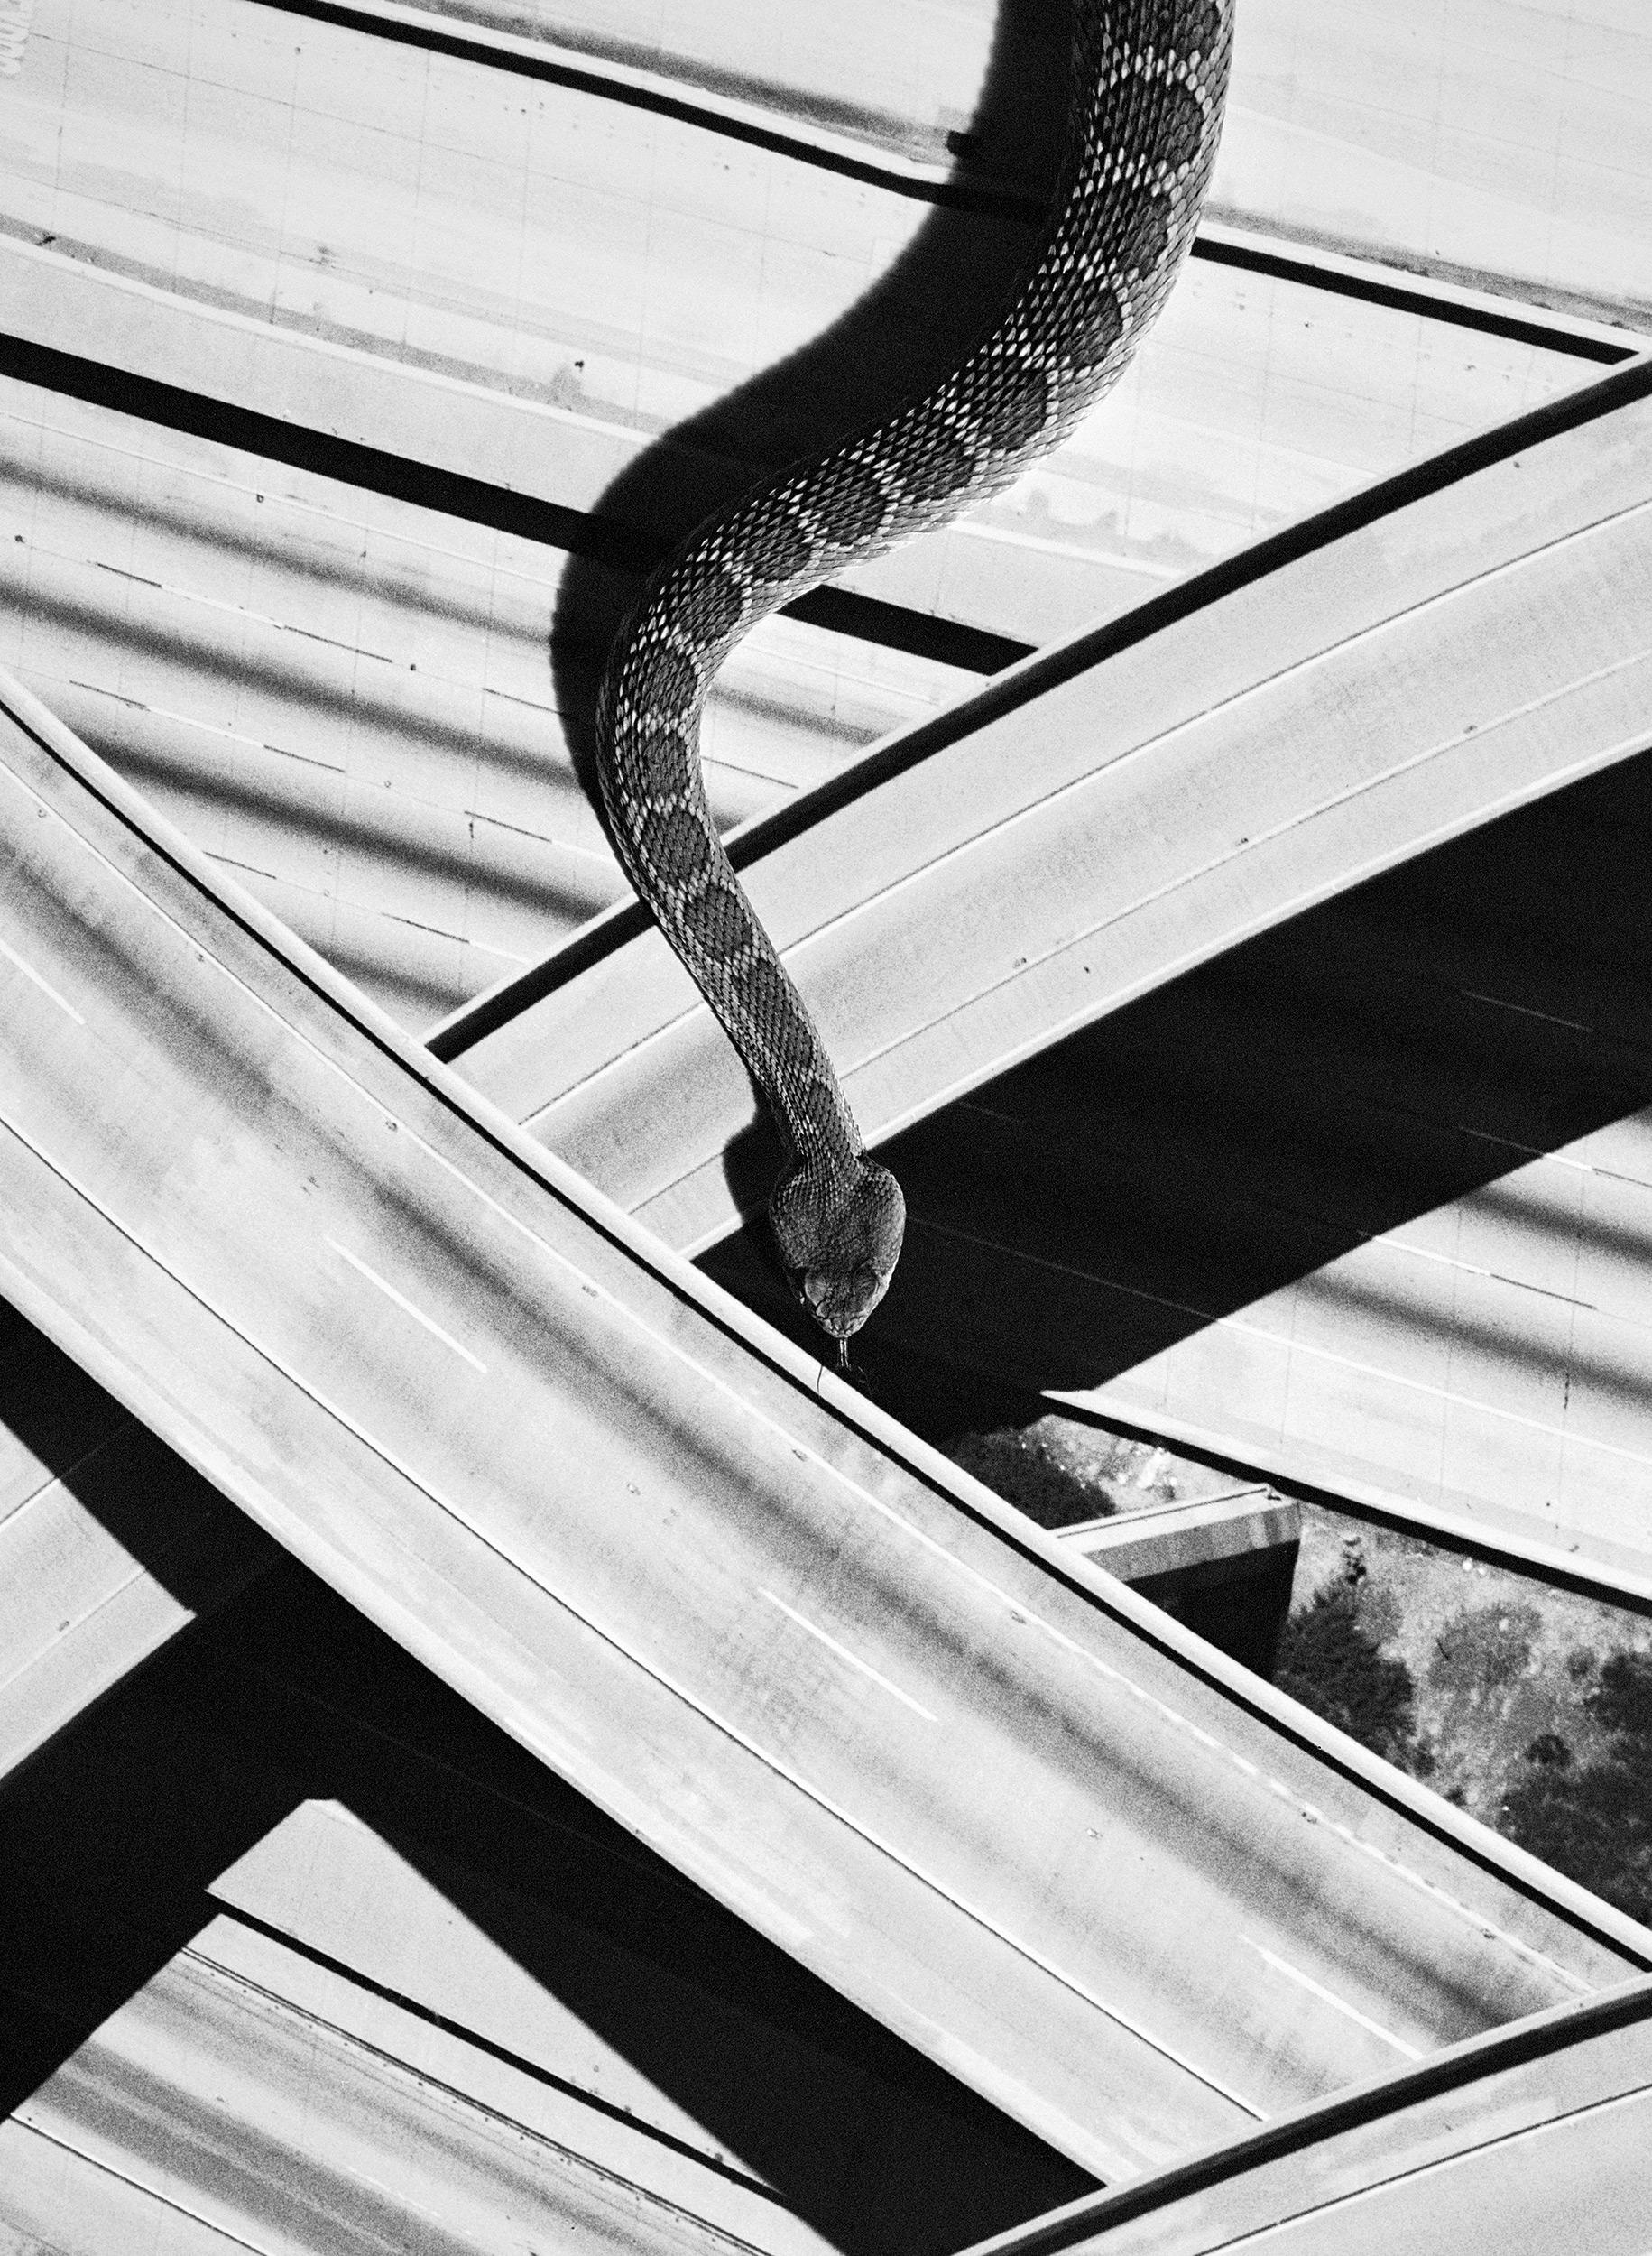 davidblack-cerrogordo-snake1